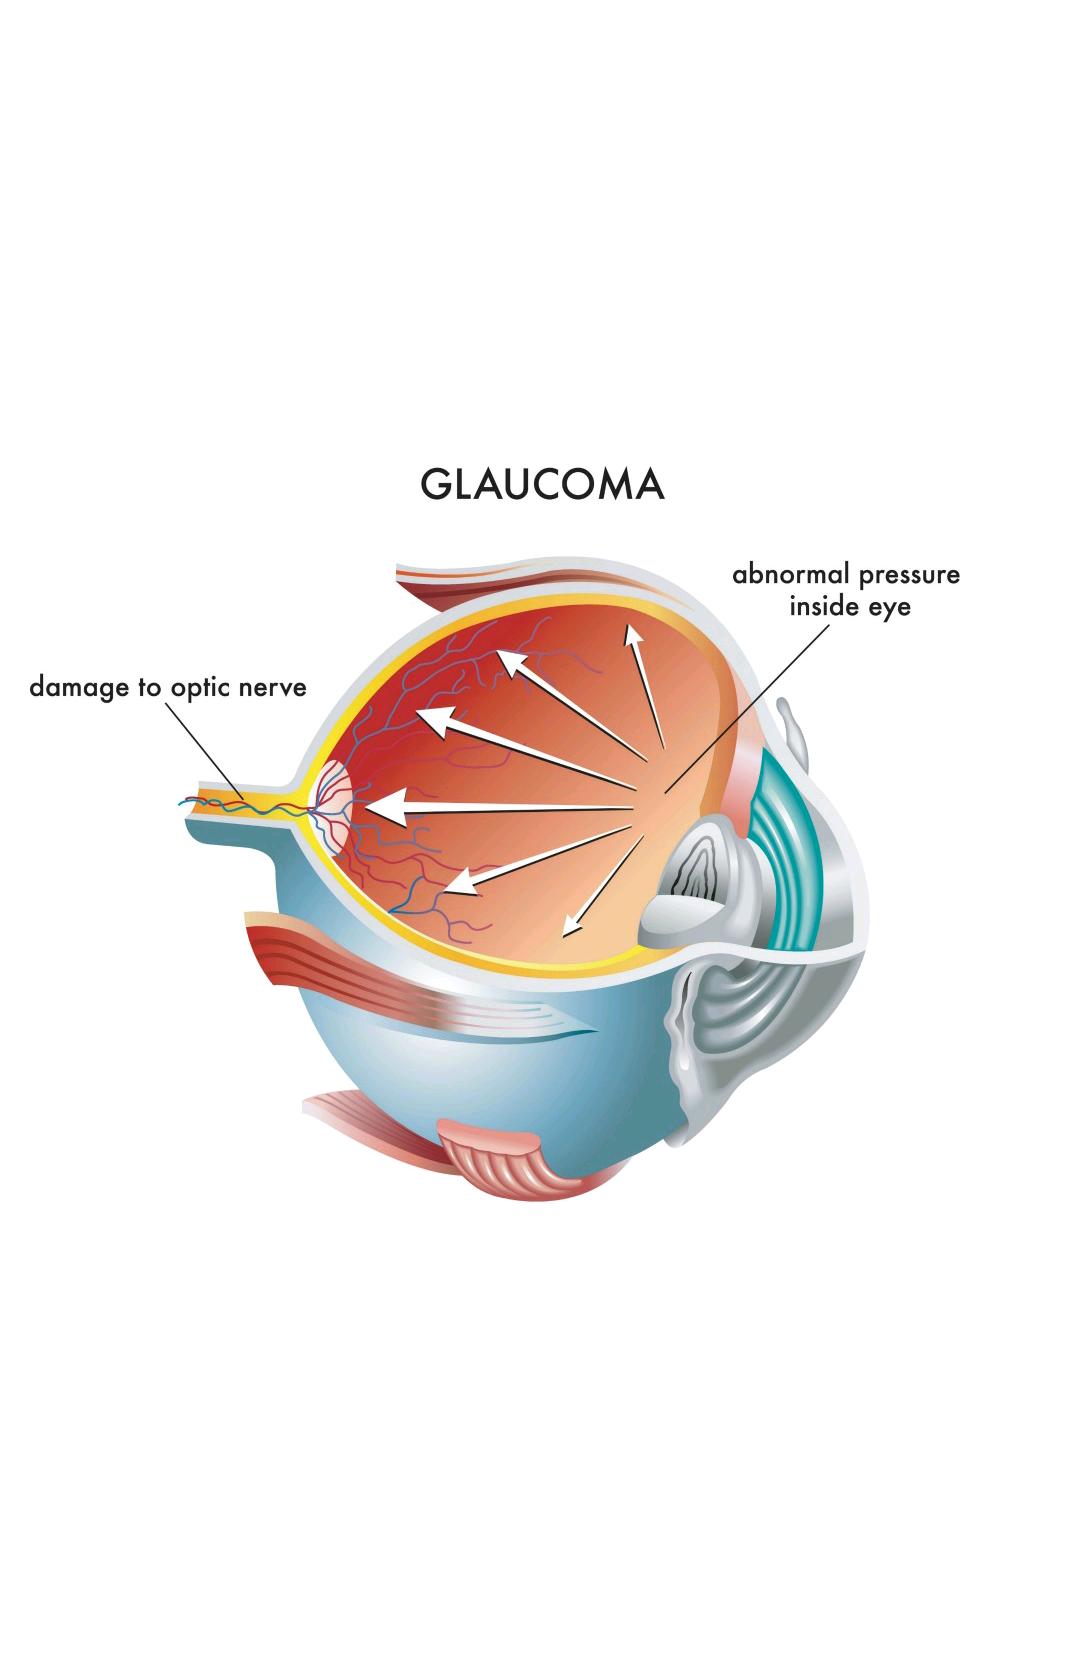 glaucoma diagram.png